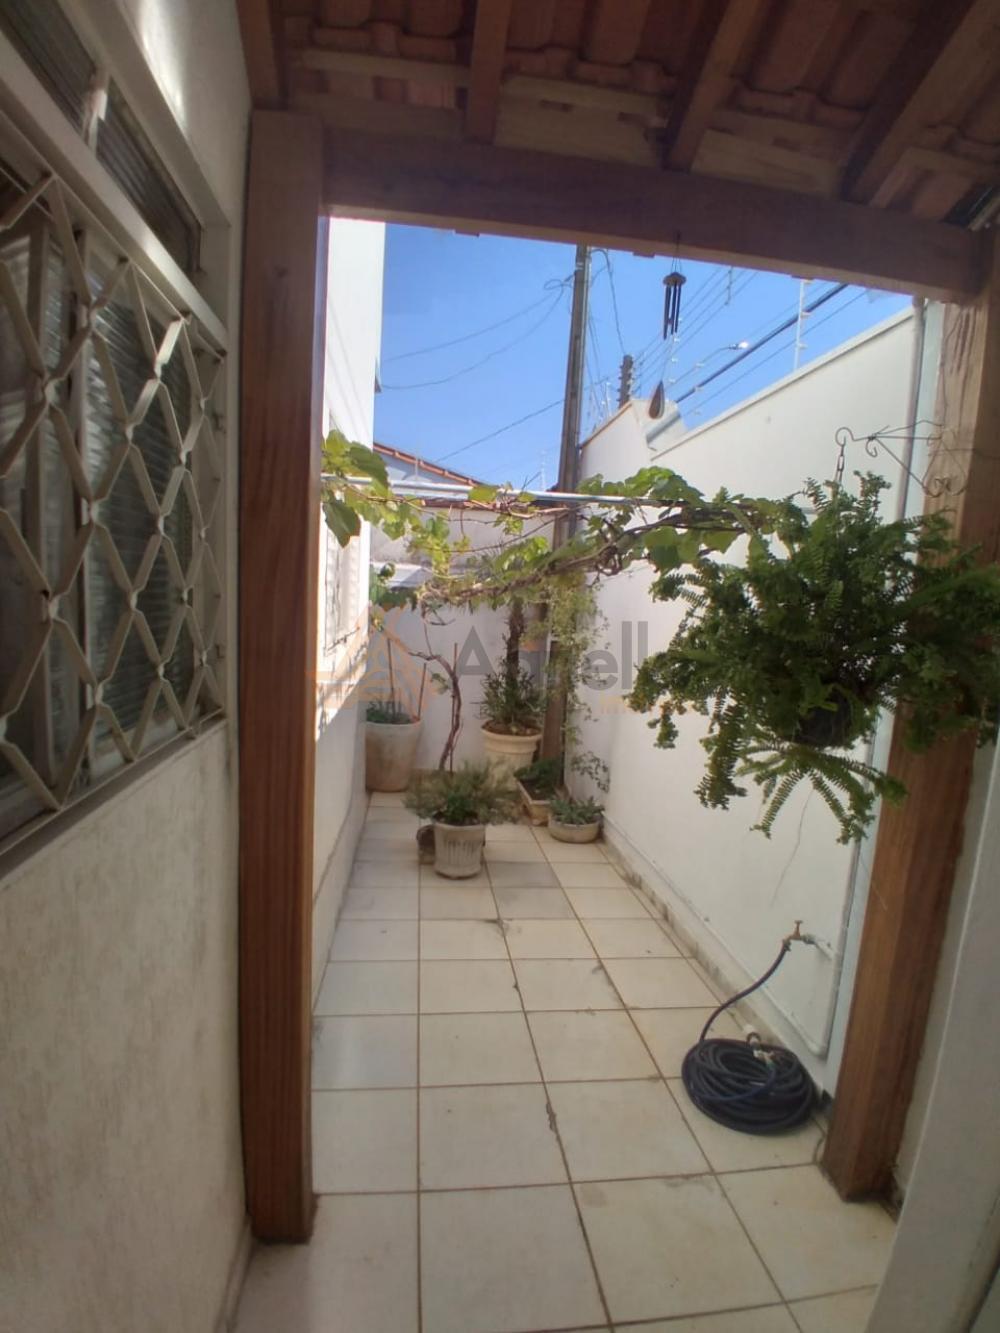 Comprar Casa / Bairro em Franca R$ 210.000,00 - Foto 8